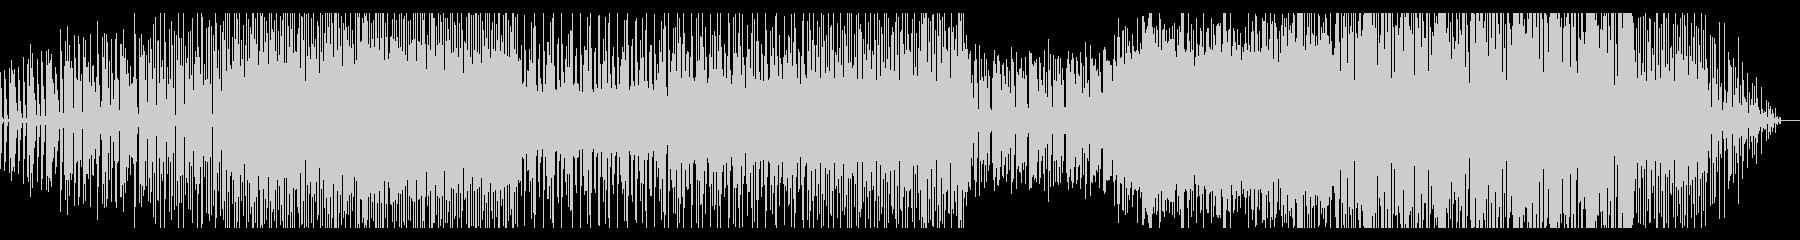 シンプルなグリッジエレクトロニカの未再生の波形